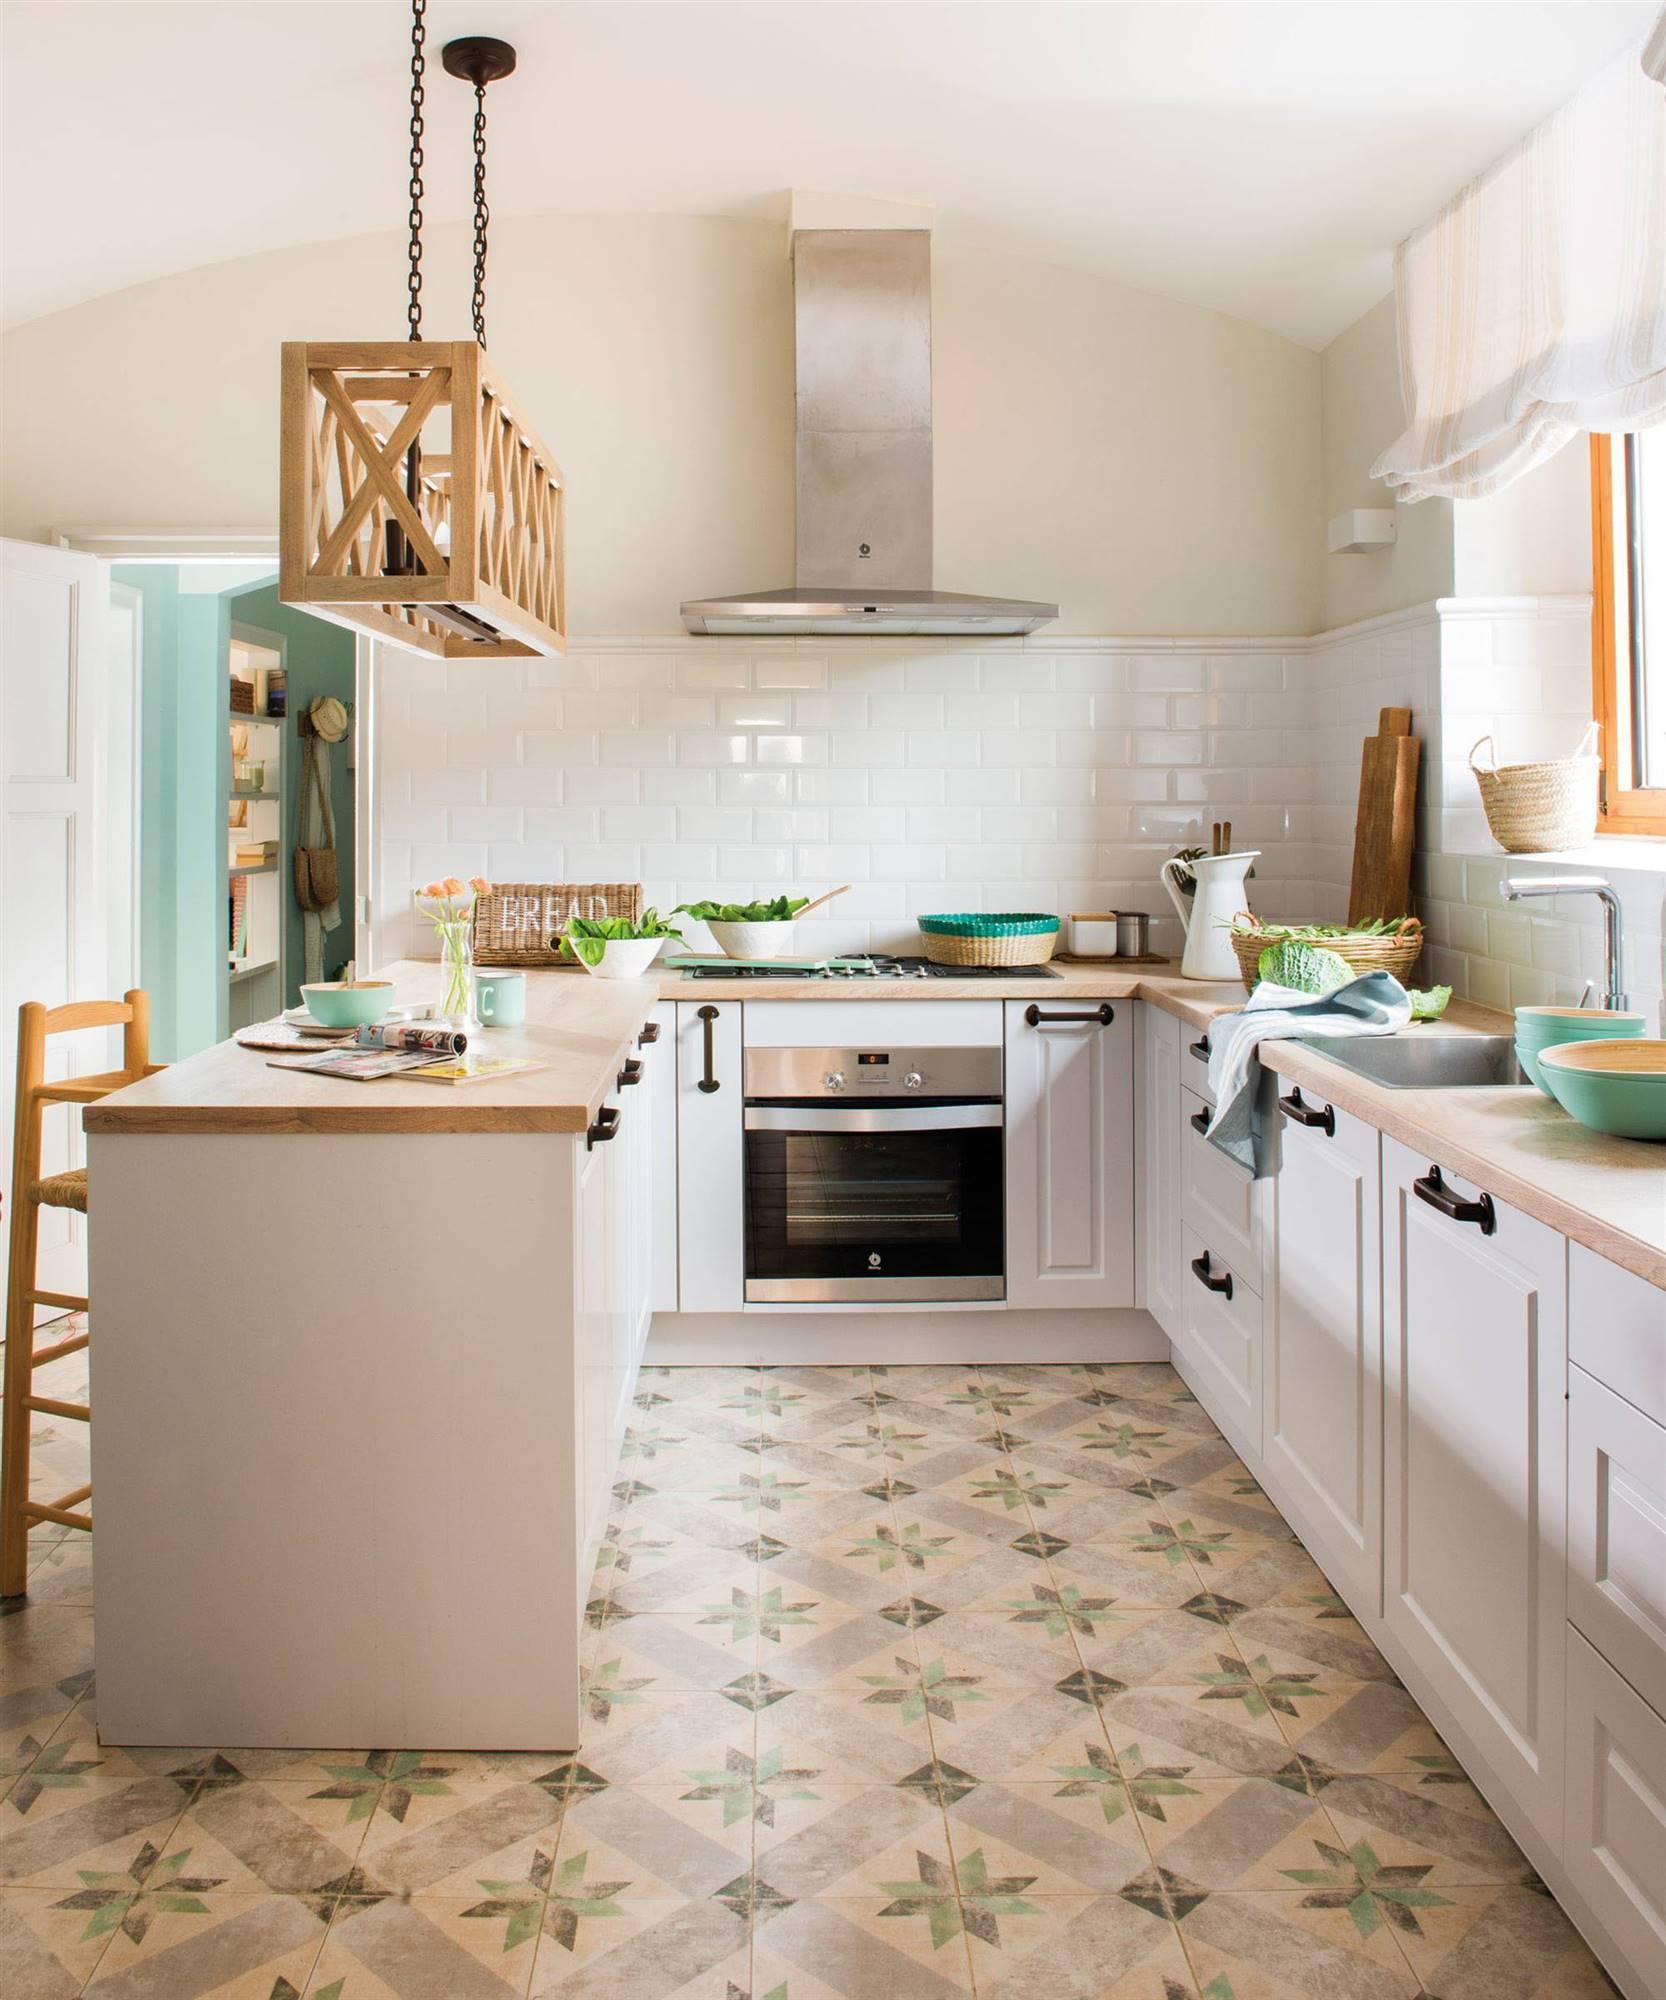 Connie Achurra Clase De Cocina: 50 Cocinas Rústicas Bonitas, Con Muebles Vintage Y Mucho